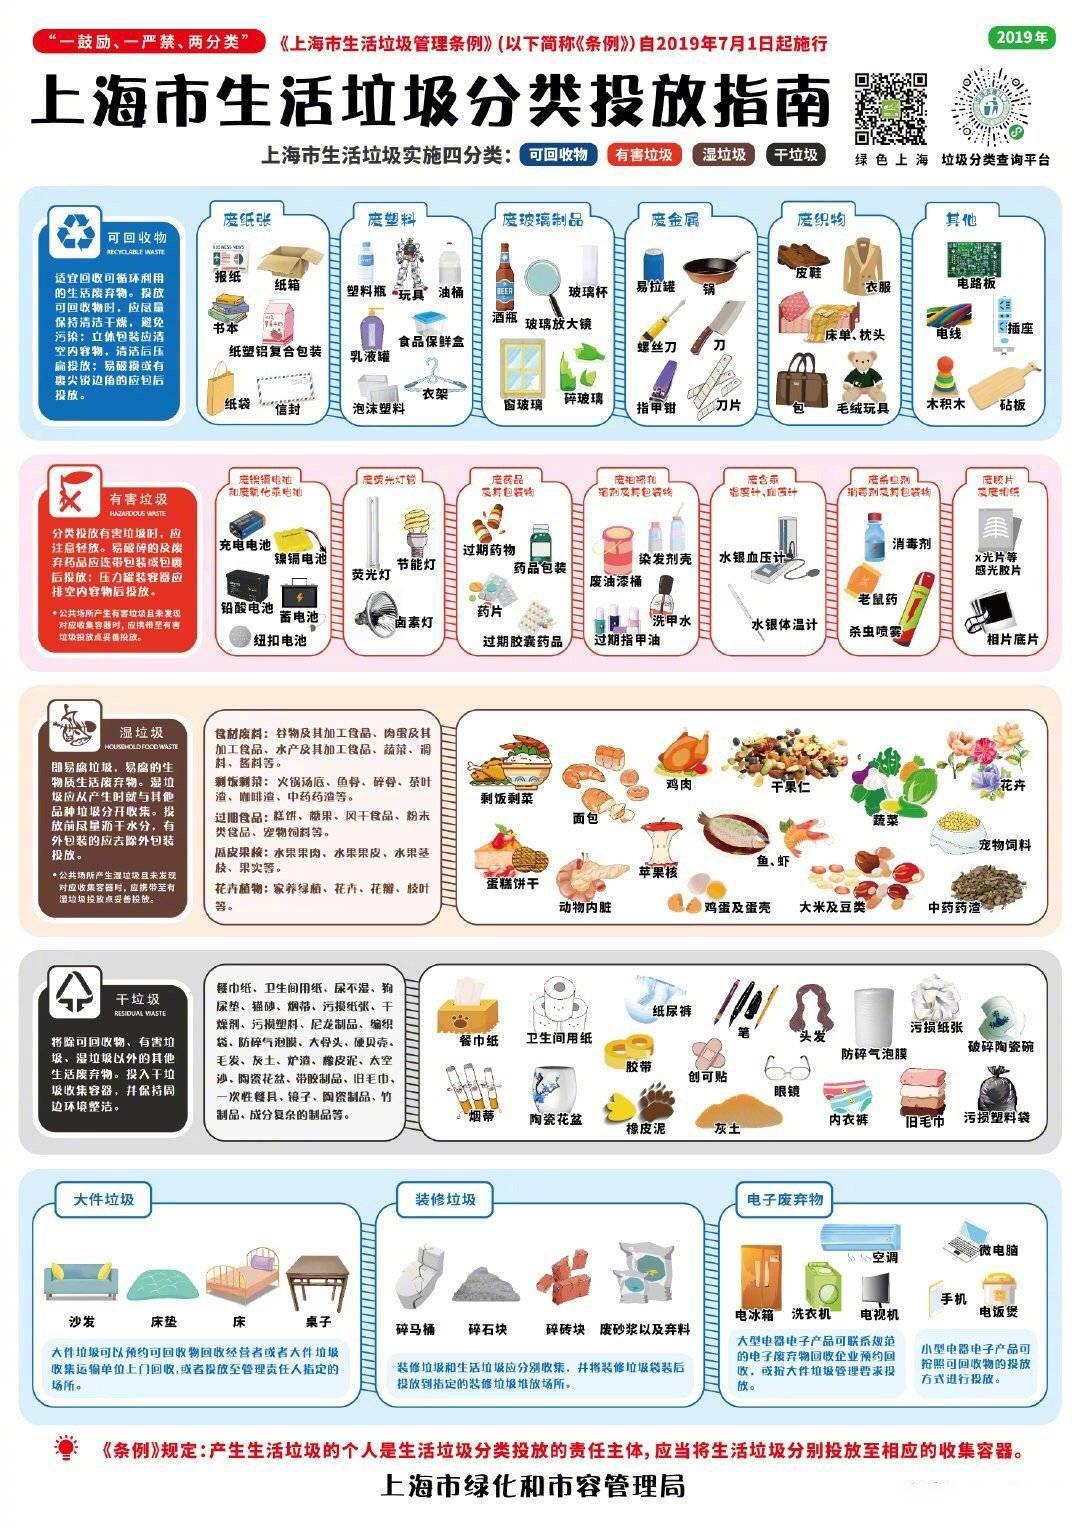 上海市垃圾分类图.jpg